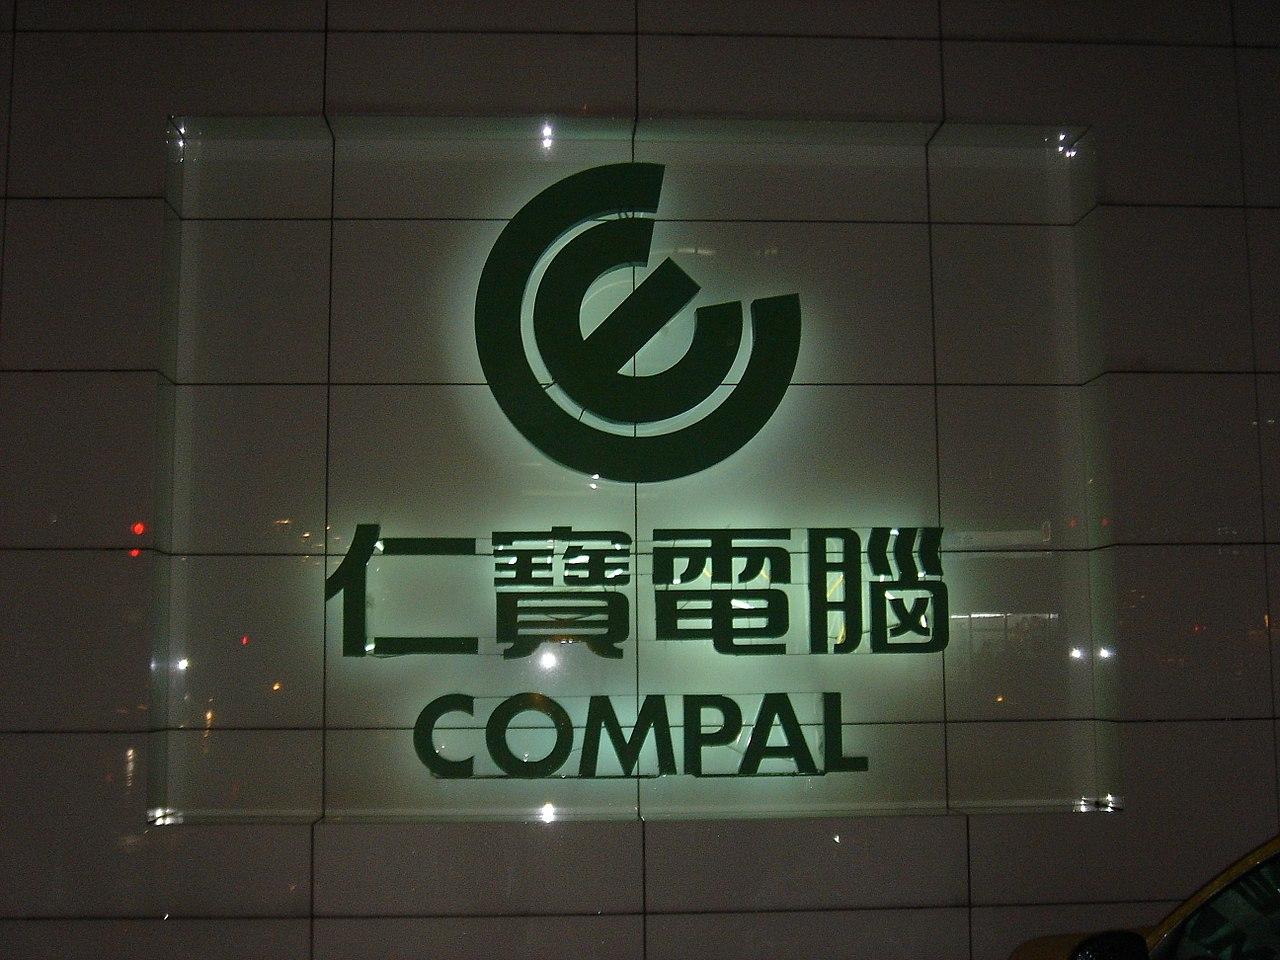 Один из крупнейших производителей электроники в мире, Compal, стал жертвой DoppelPaymer